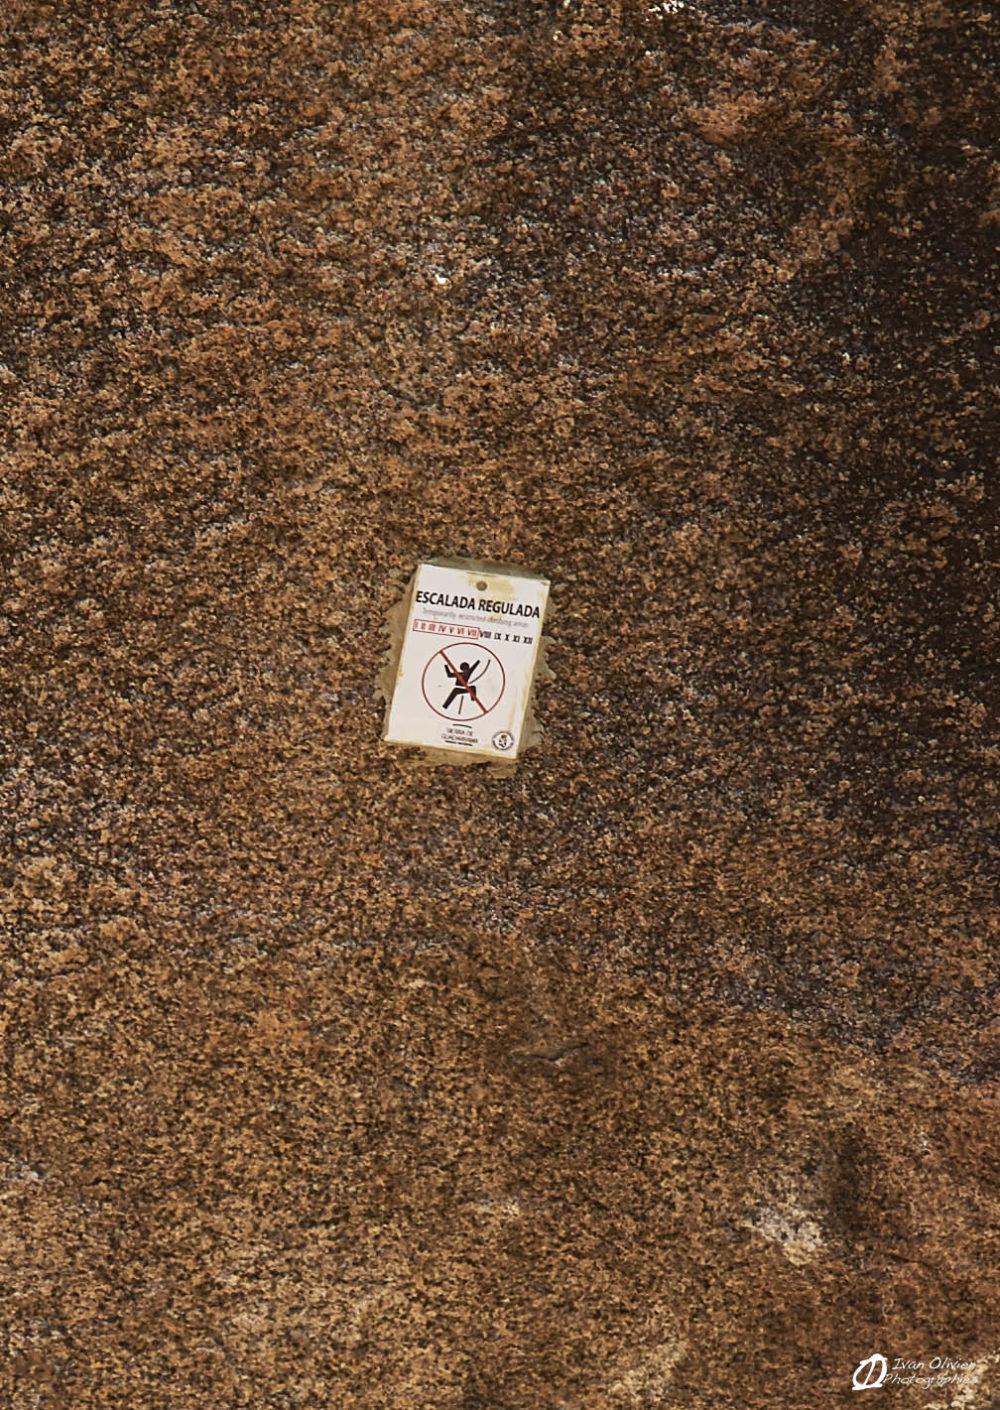 Les panneaux d'interdiction de grimpe